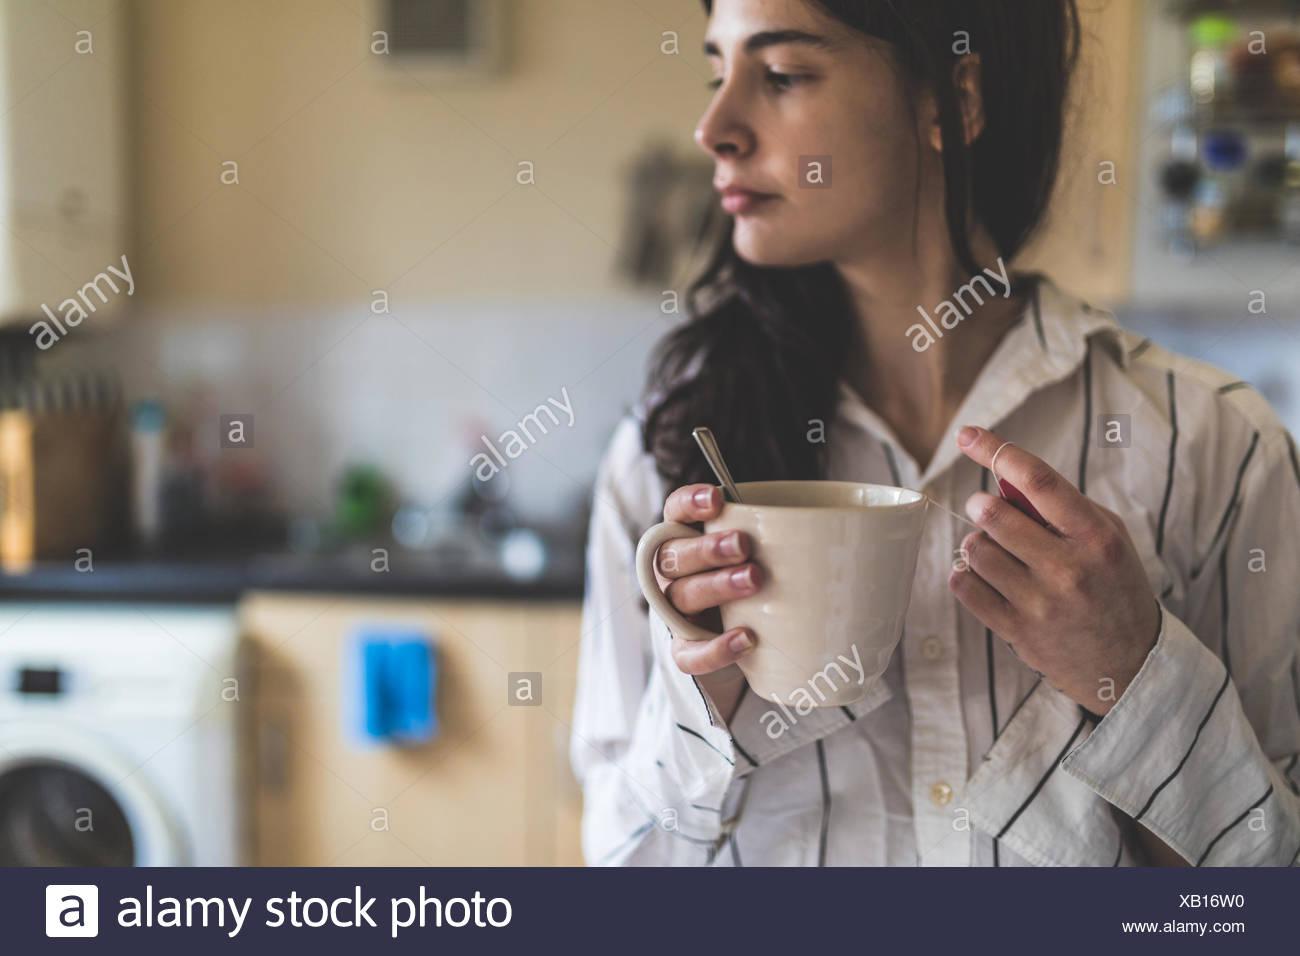 Junge Frau zu Hause tragen Schlafanzüge, halten Kaffeetasse Stockbild